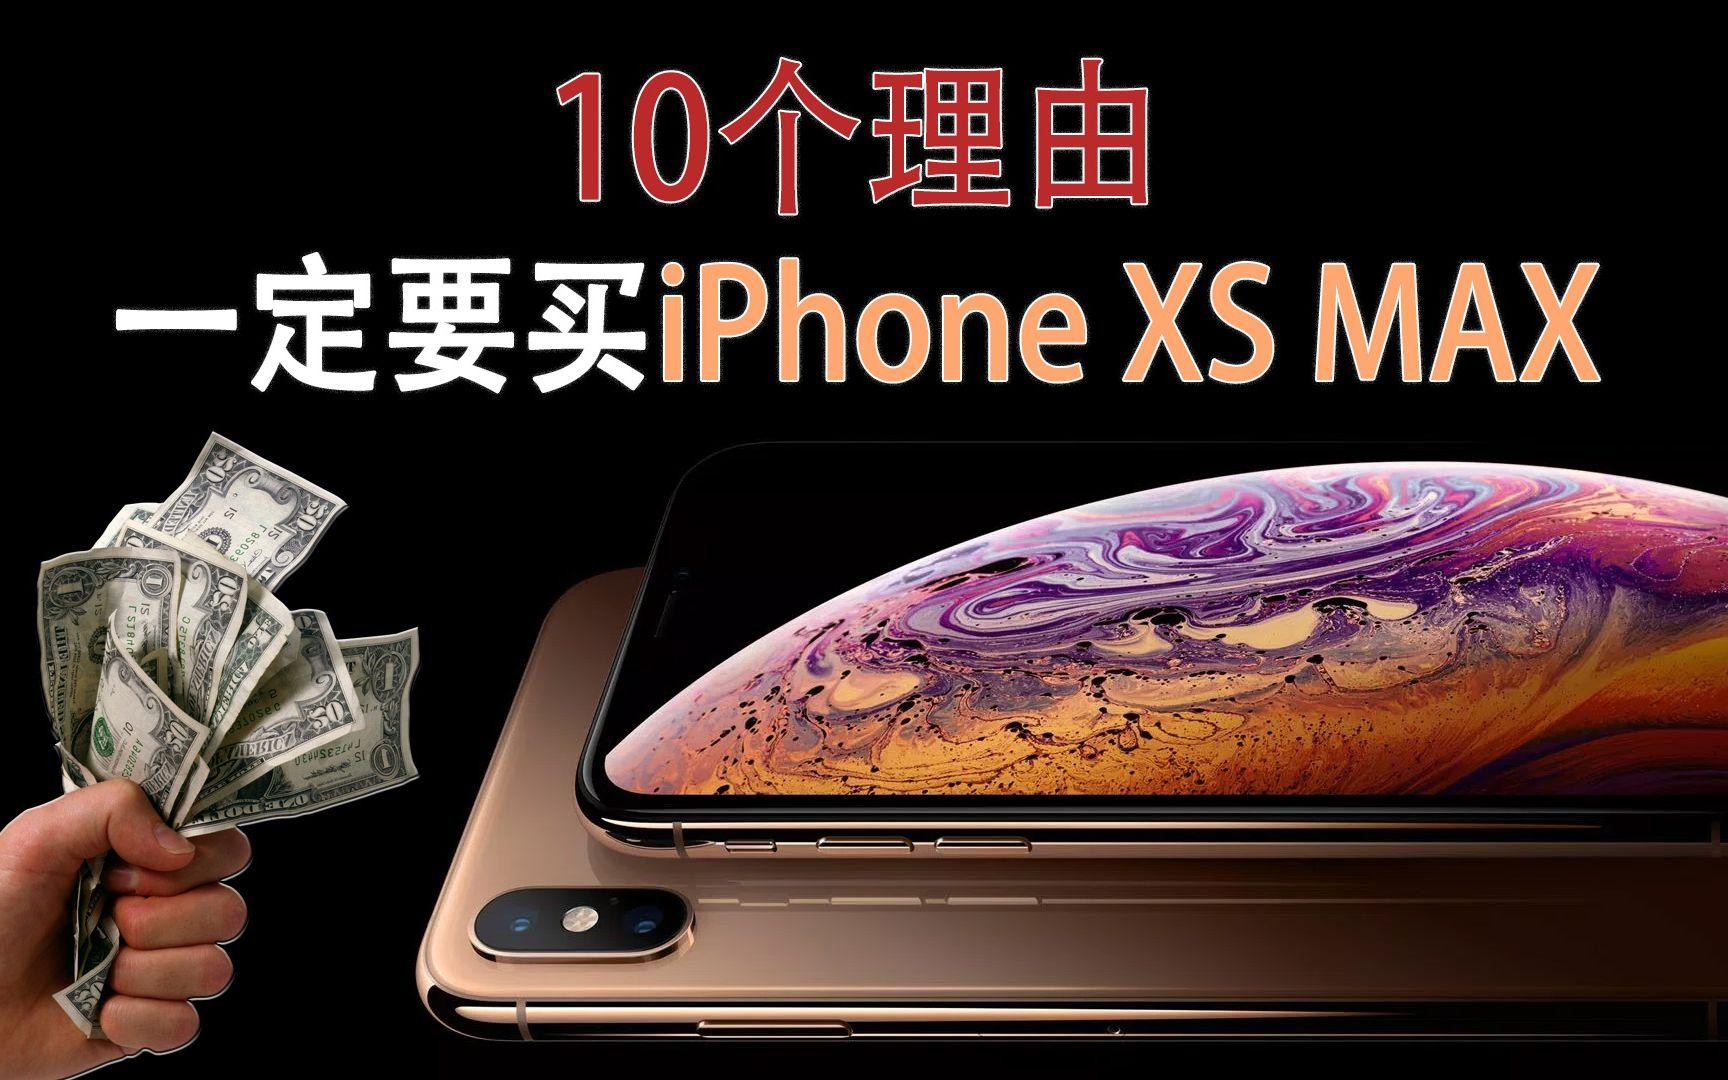 一定要买 iPhone XS MAX 的十个理由